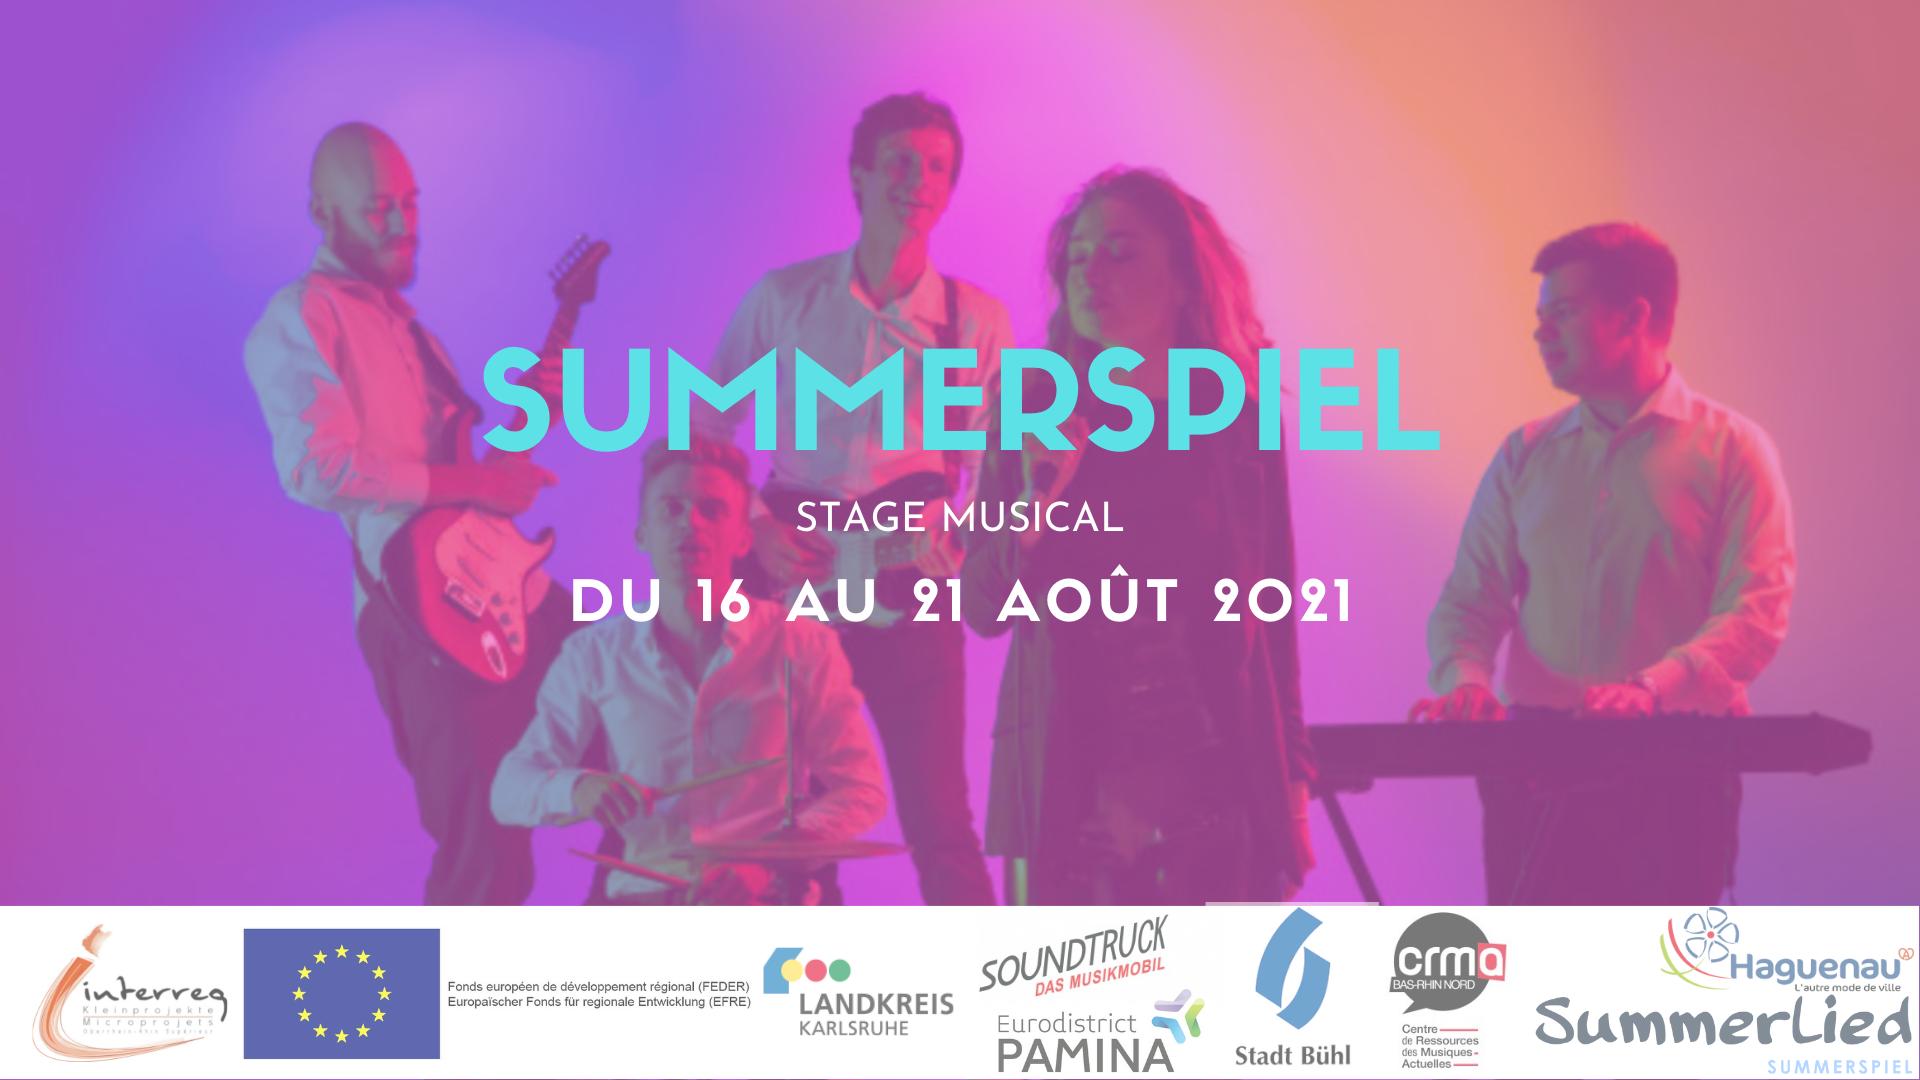 SUMMERSPIEL – Stage musical